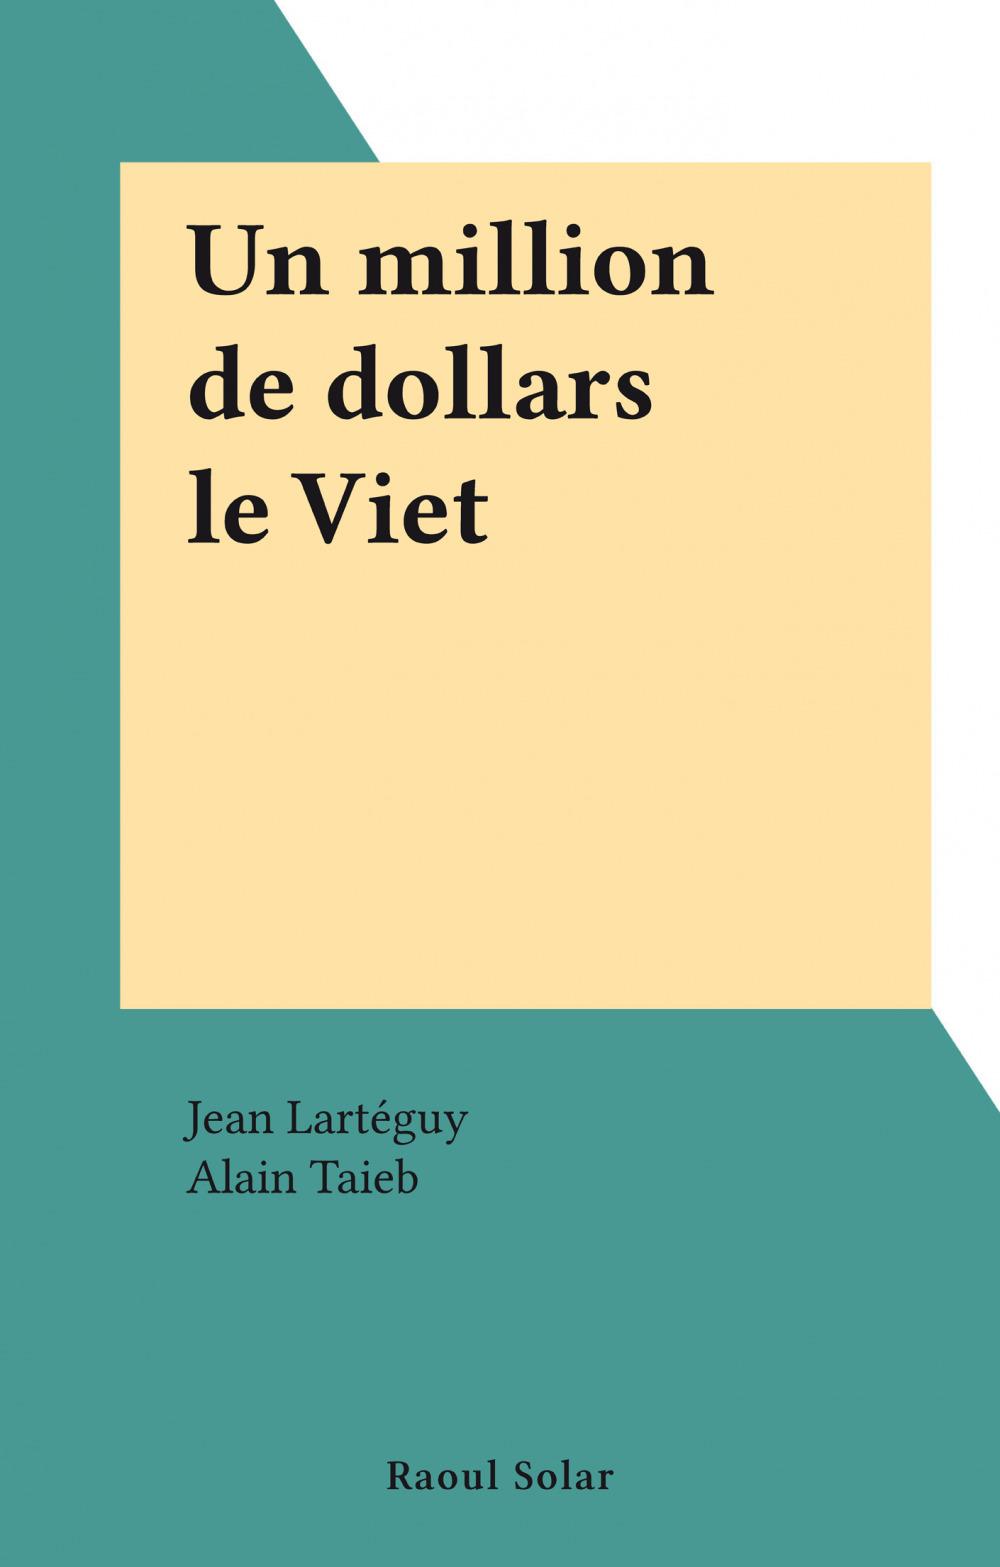 Un million de dollars le Viet